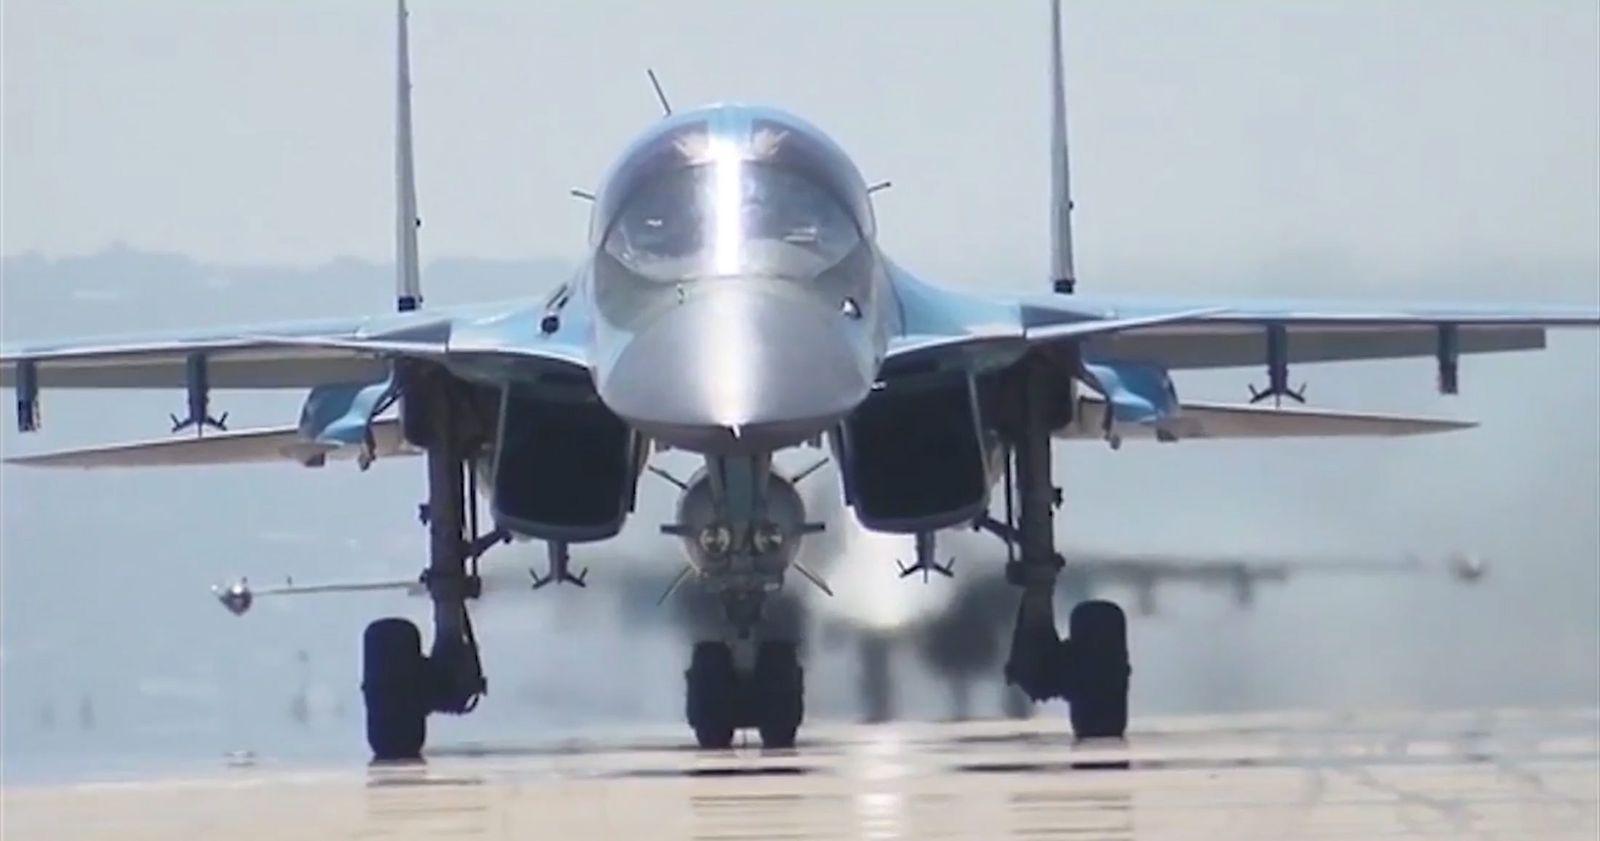 Russland/ Einsatz/ Syrien/ Probleme/ SU-34